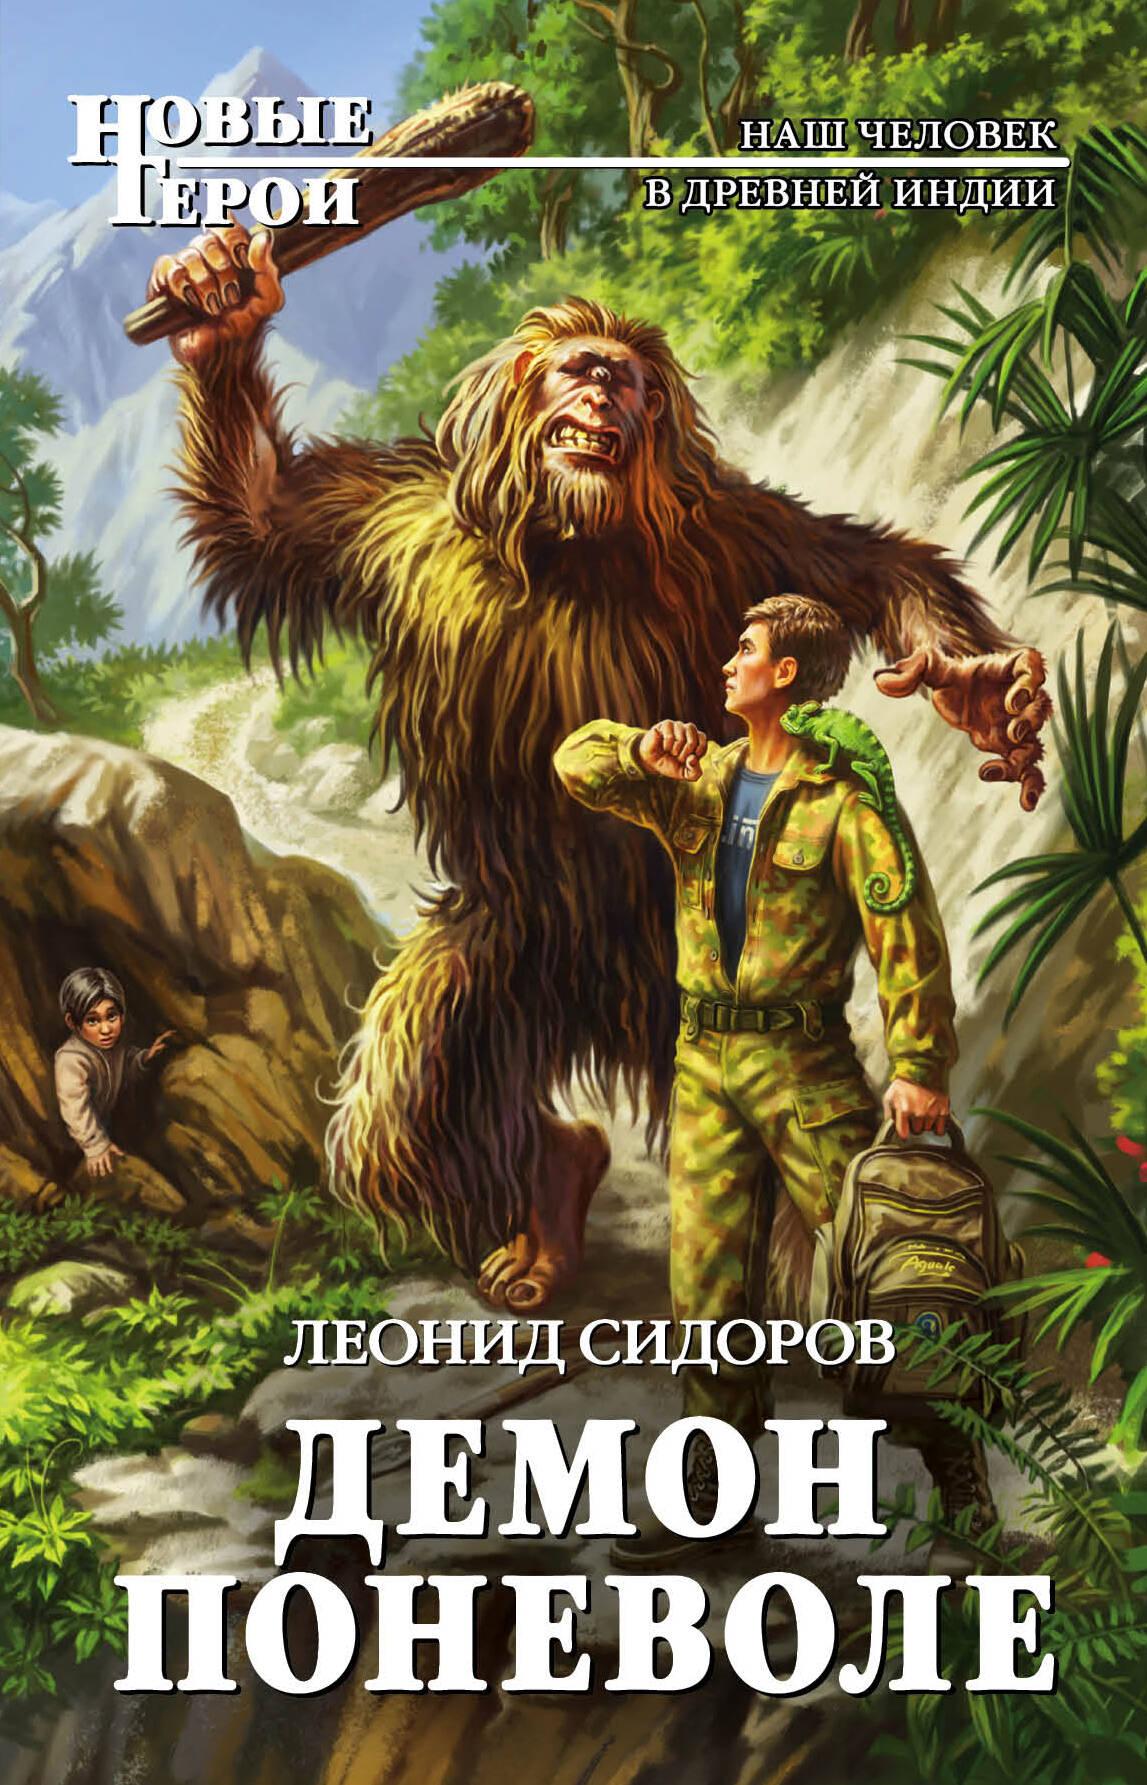 Чехов рассказы письмо читать